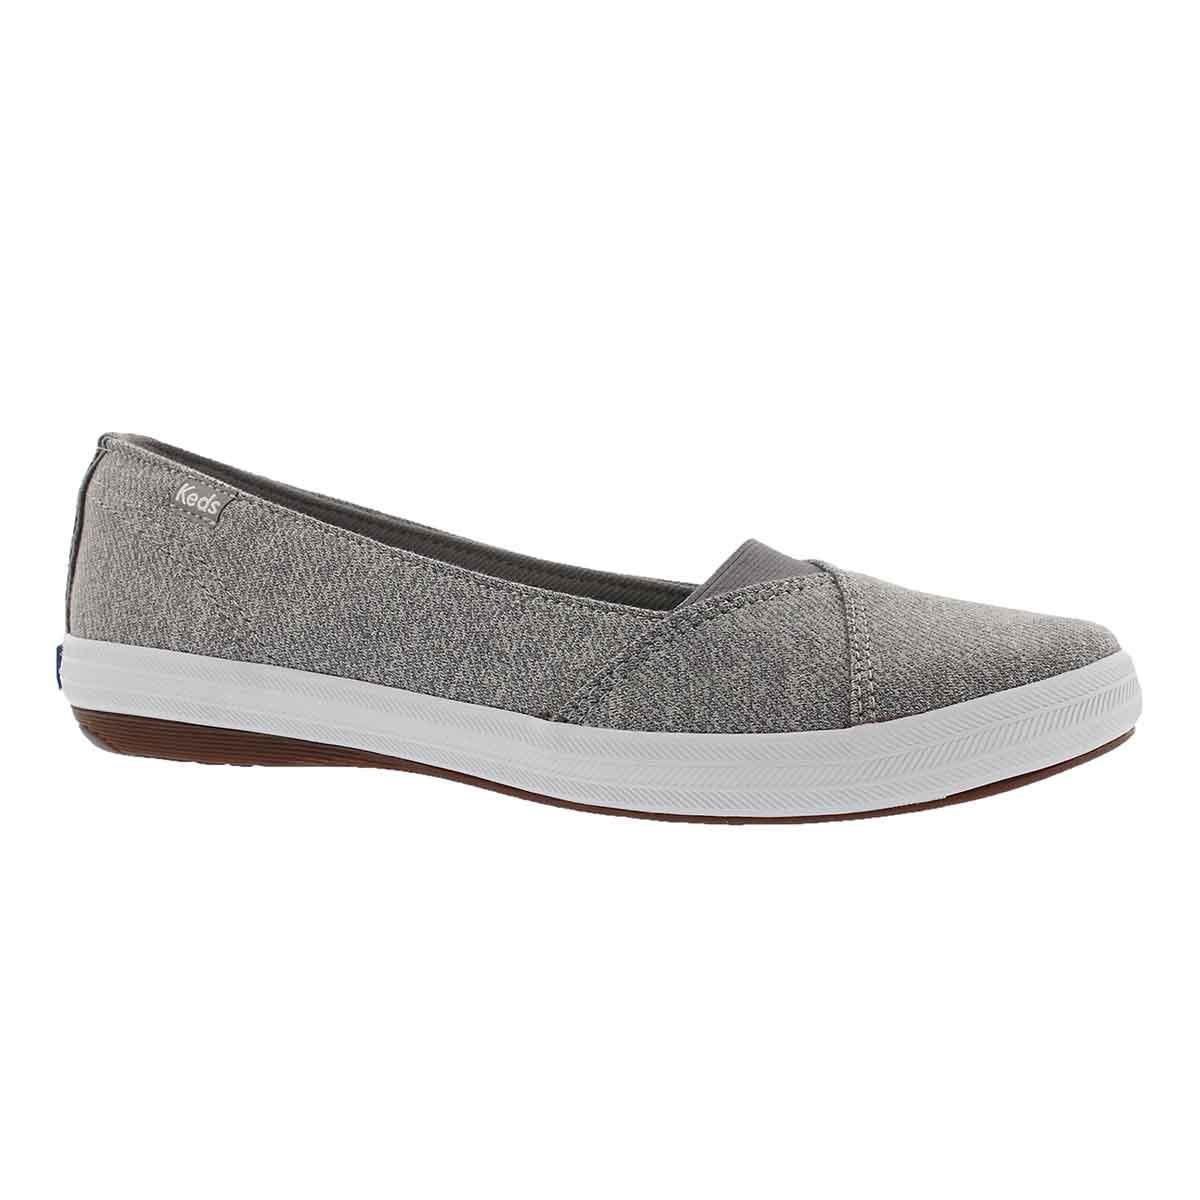 Women's CALI II grey casual slip on sneaker